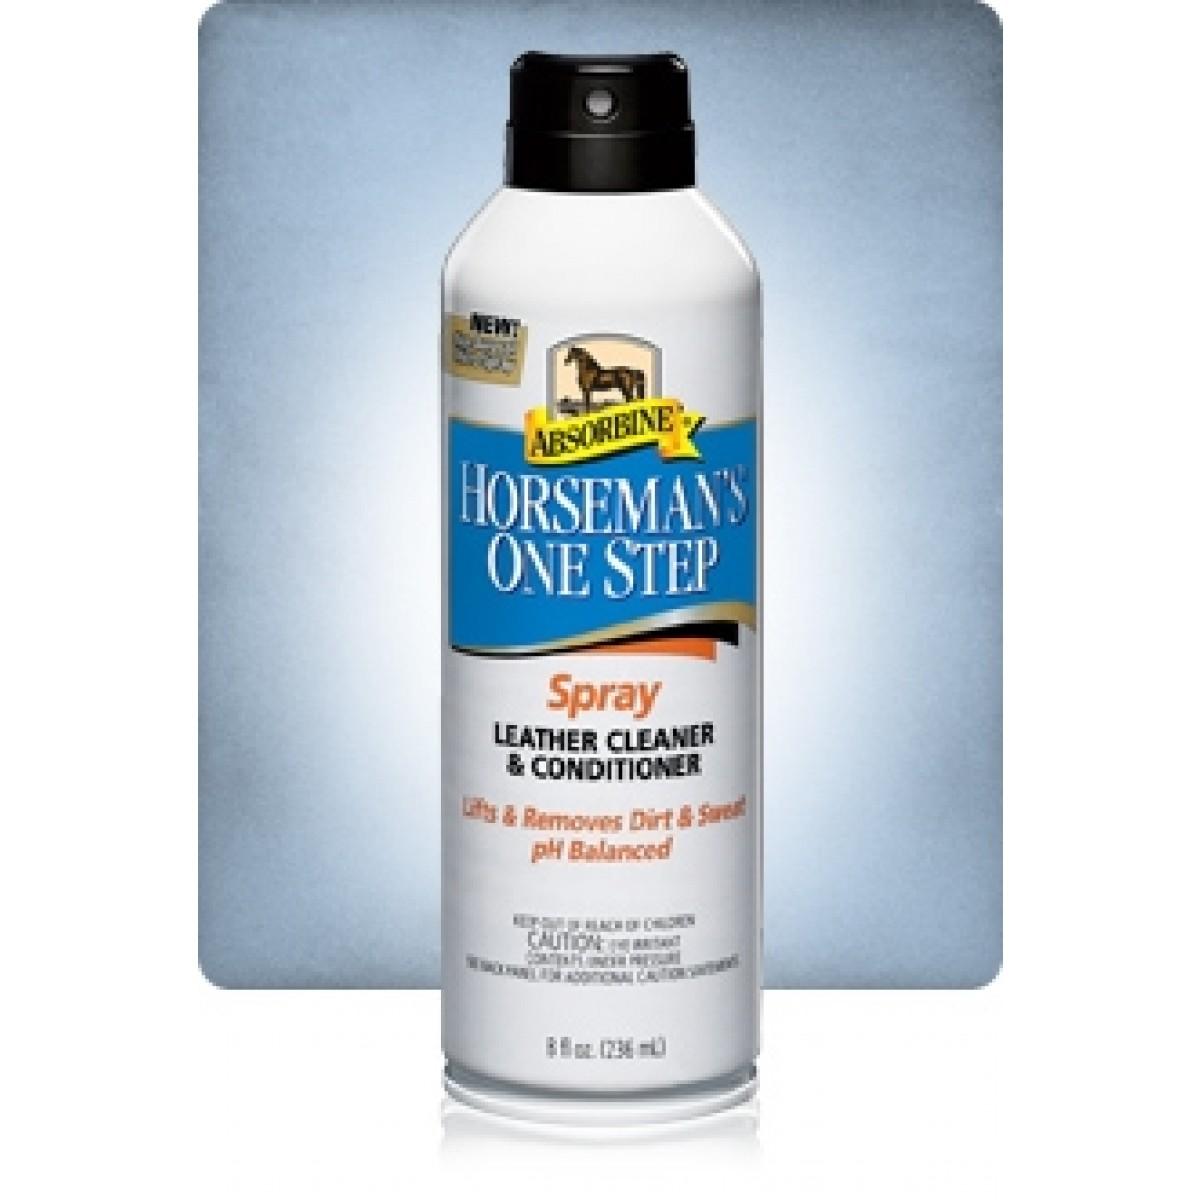 Absorbine one step spray